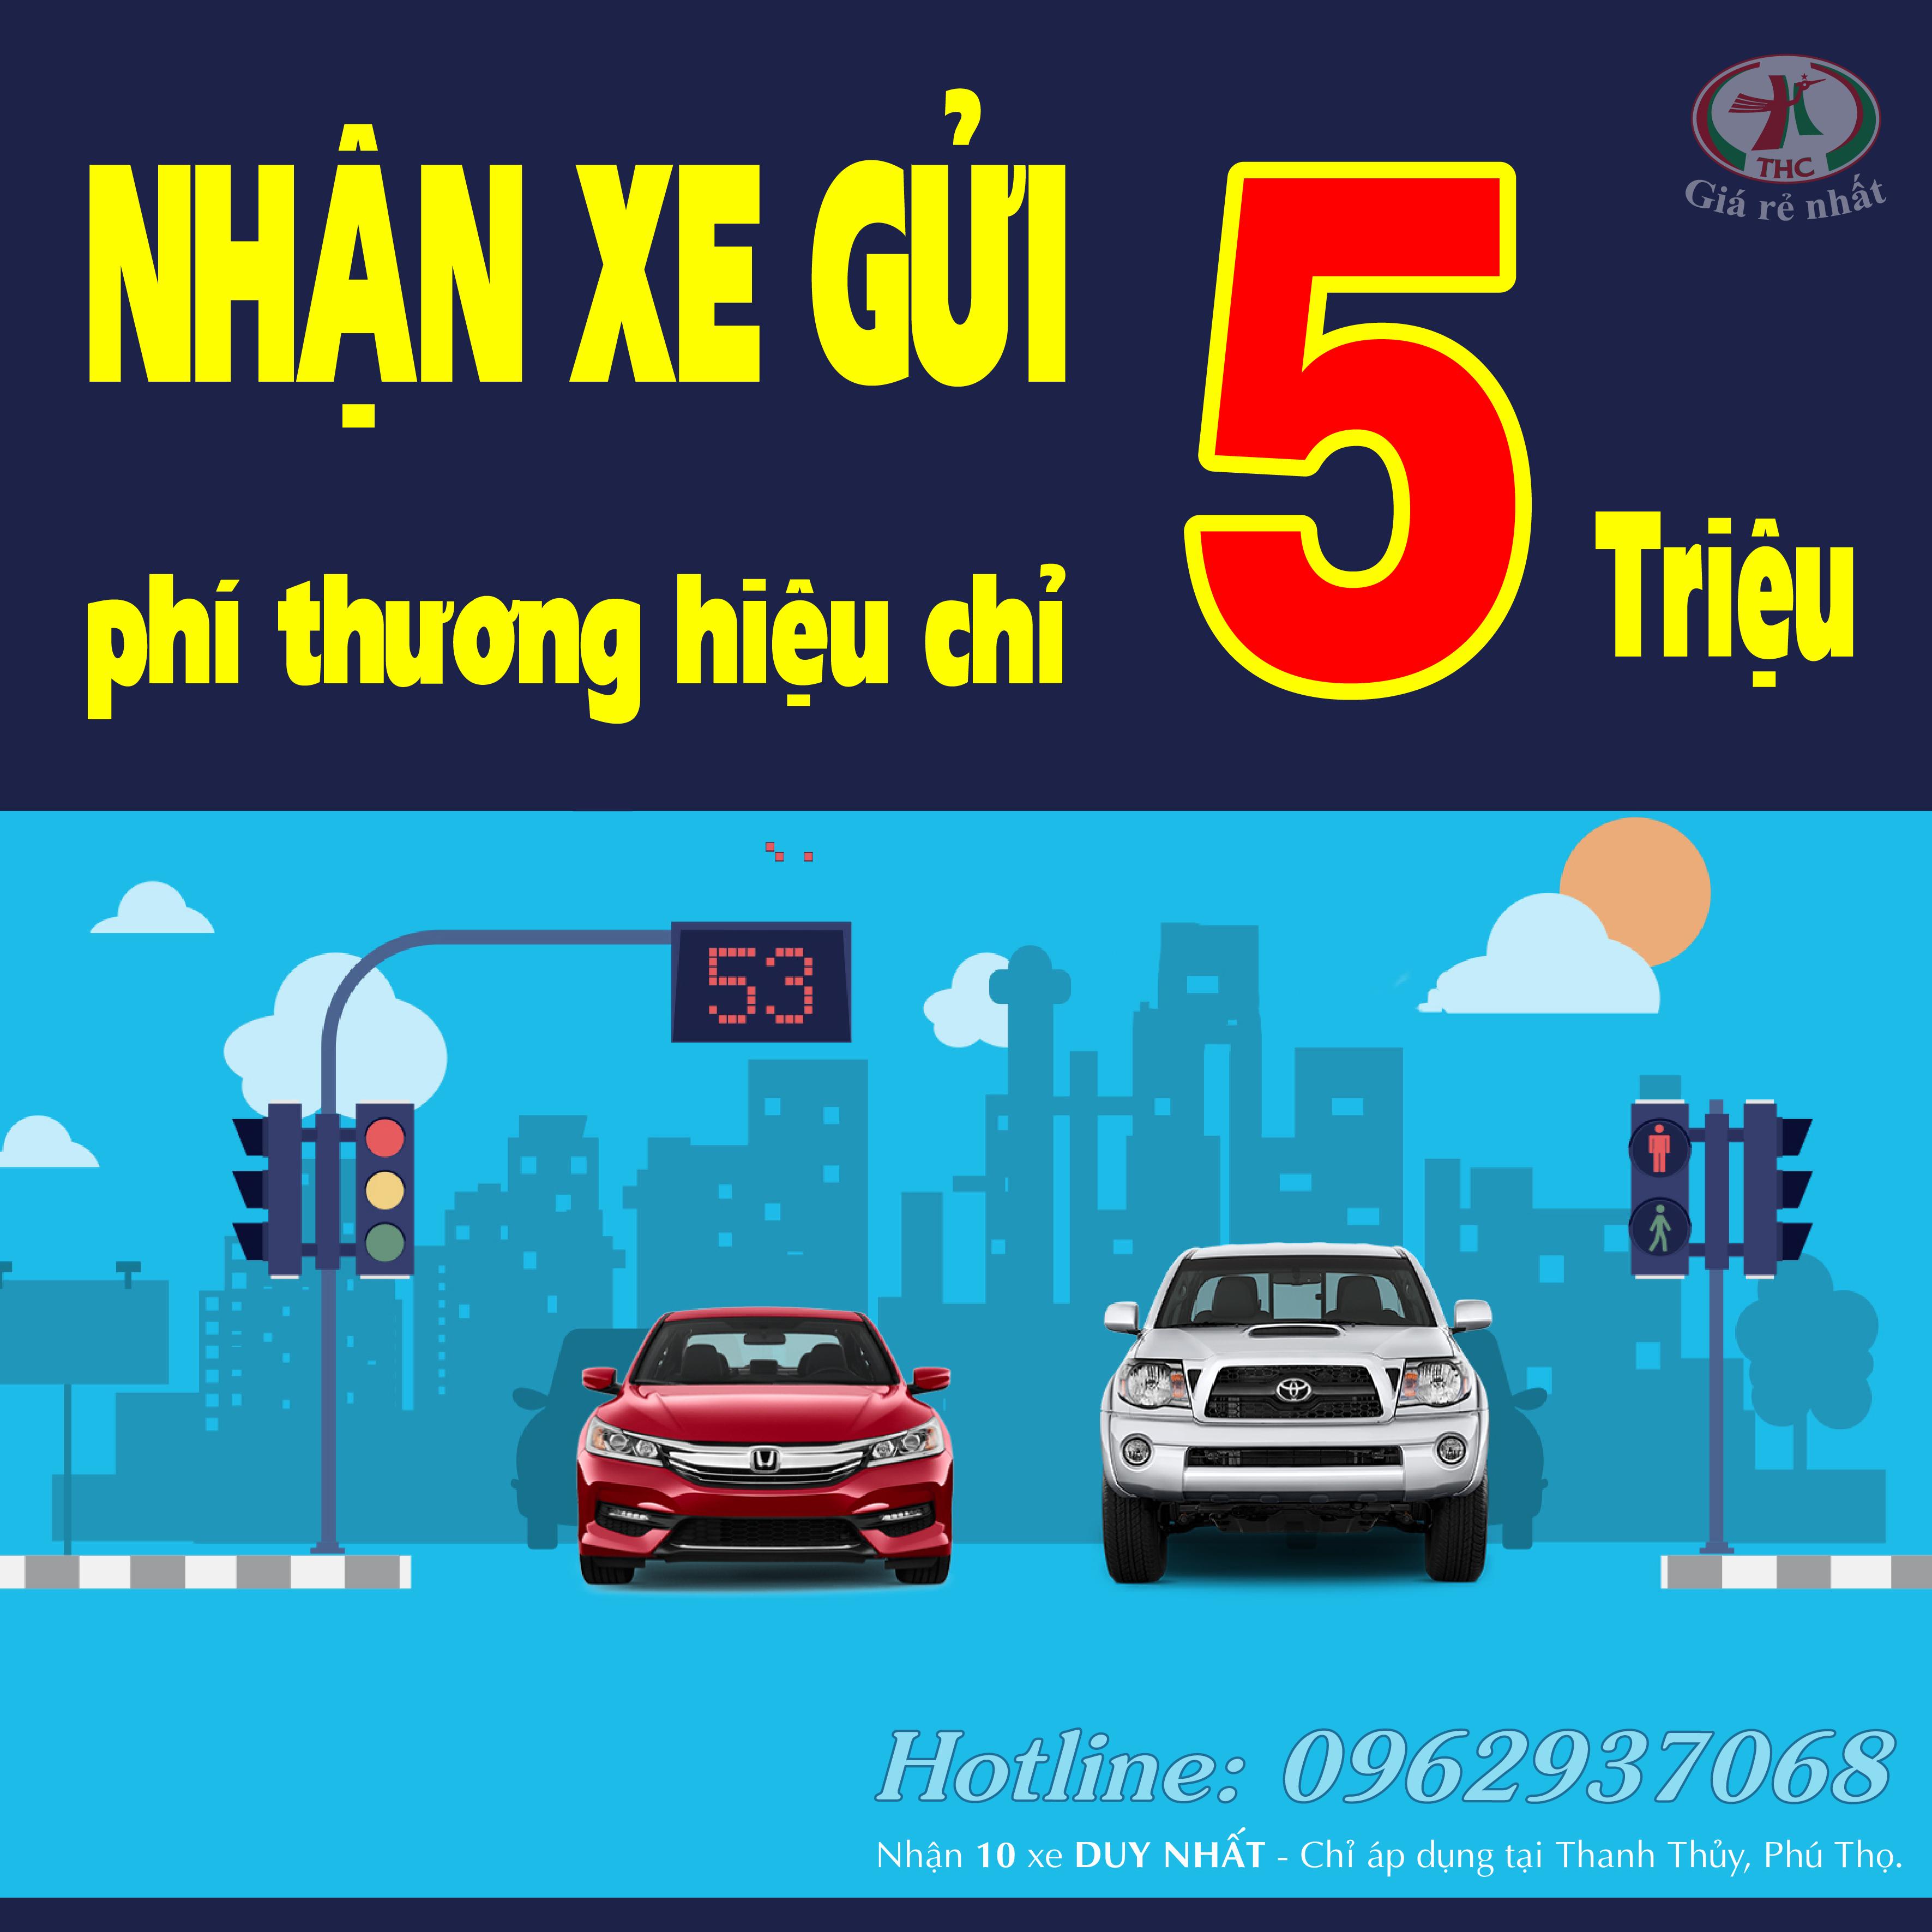 [ƯU ĐÃI LỚN] Nhận xe gửi Thanh Thủy, Phú Thọ – Phí thương hiệu chỉ 5tr!